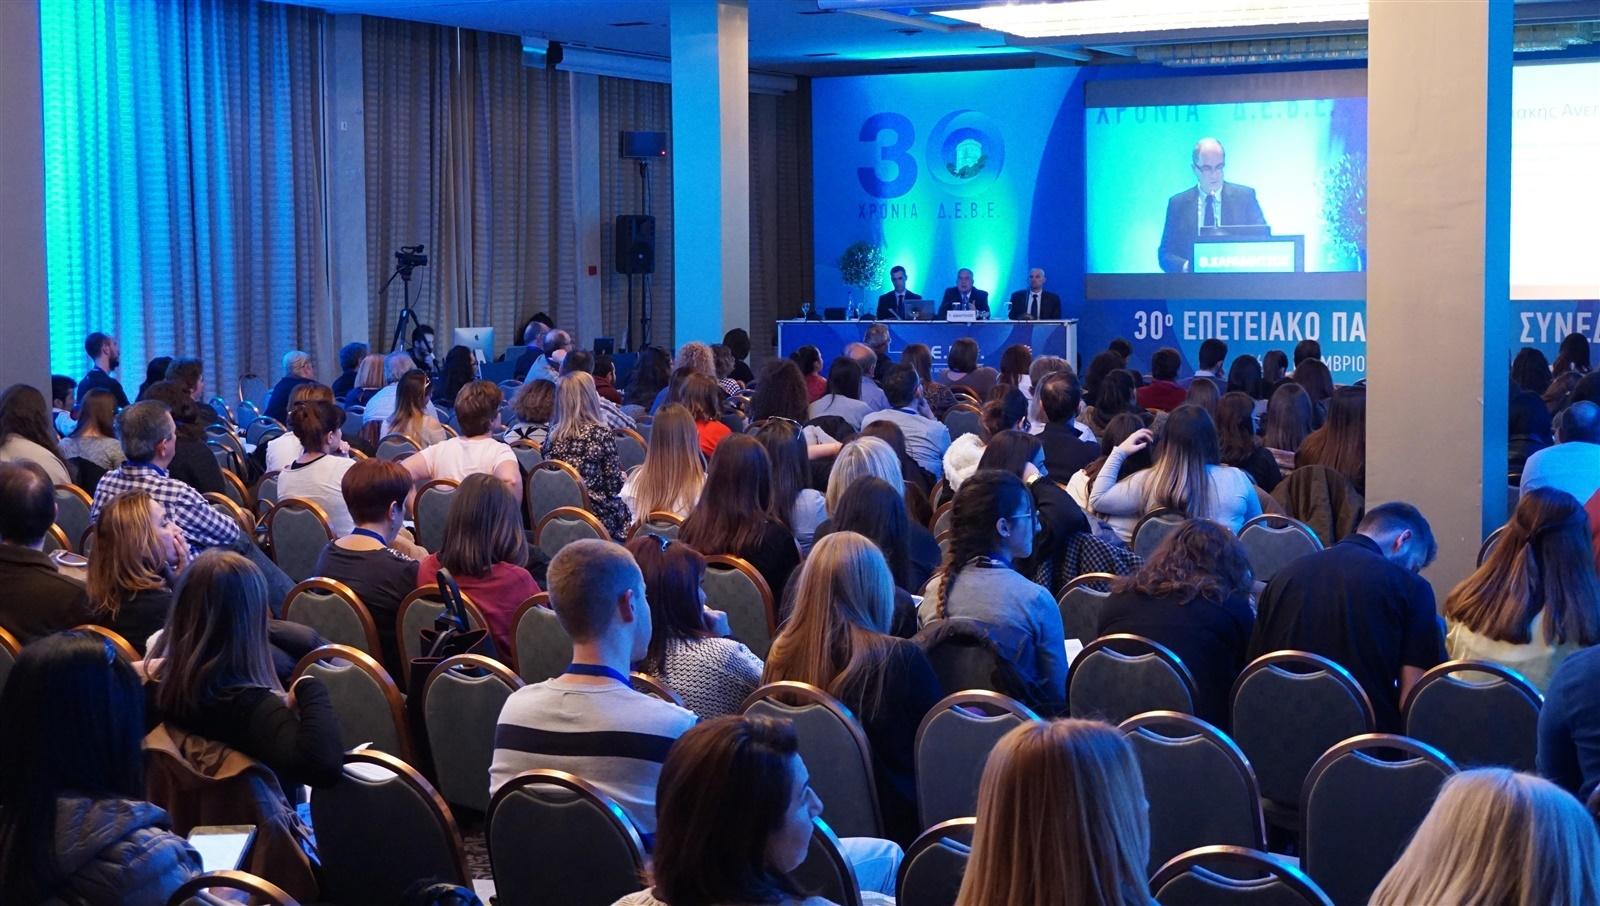 30o Επετειακό Πανελλήνιο Συνέδριο ΔΕΒΕ